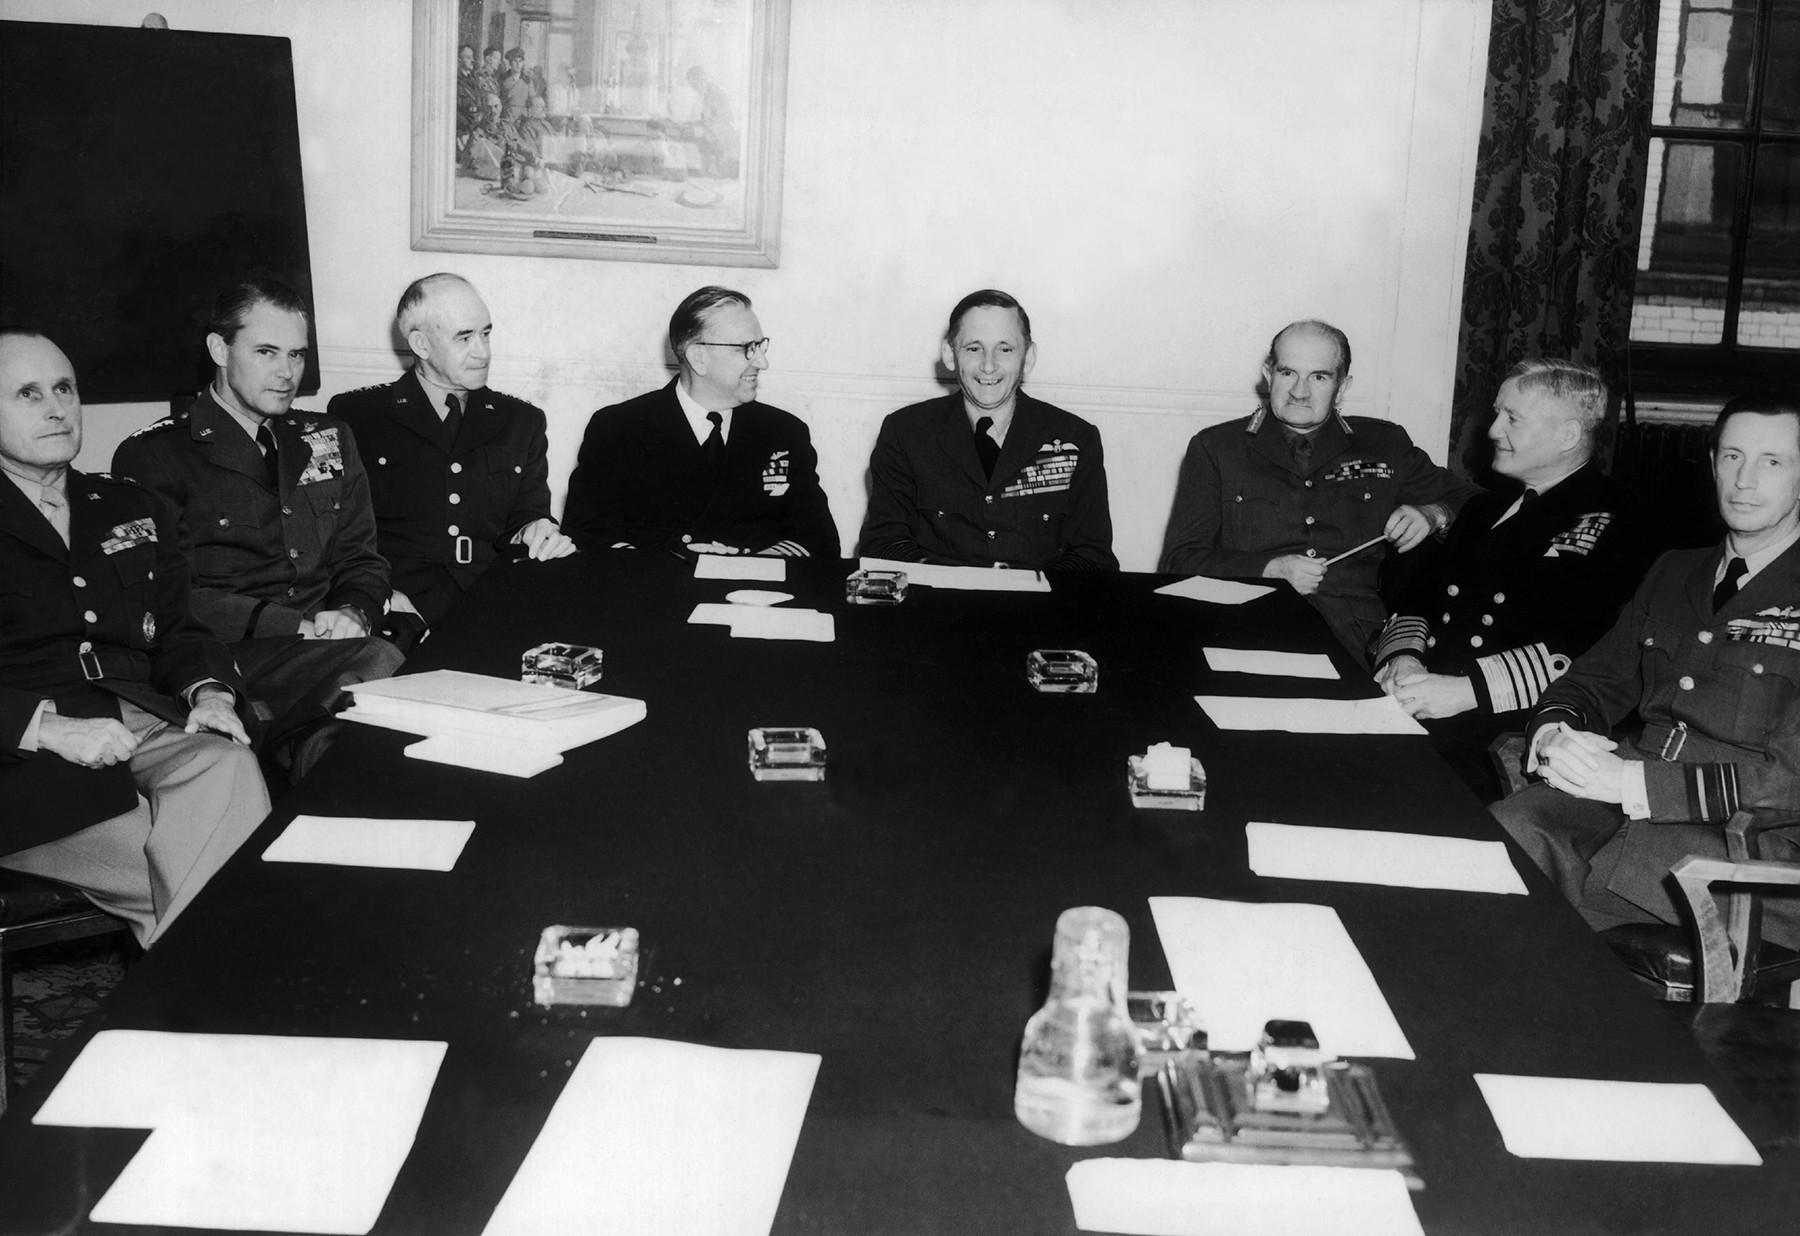 Кръгла маса на американски и британски генерали, 8 март 1949 г.